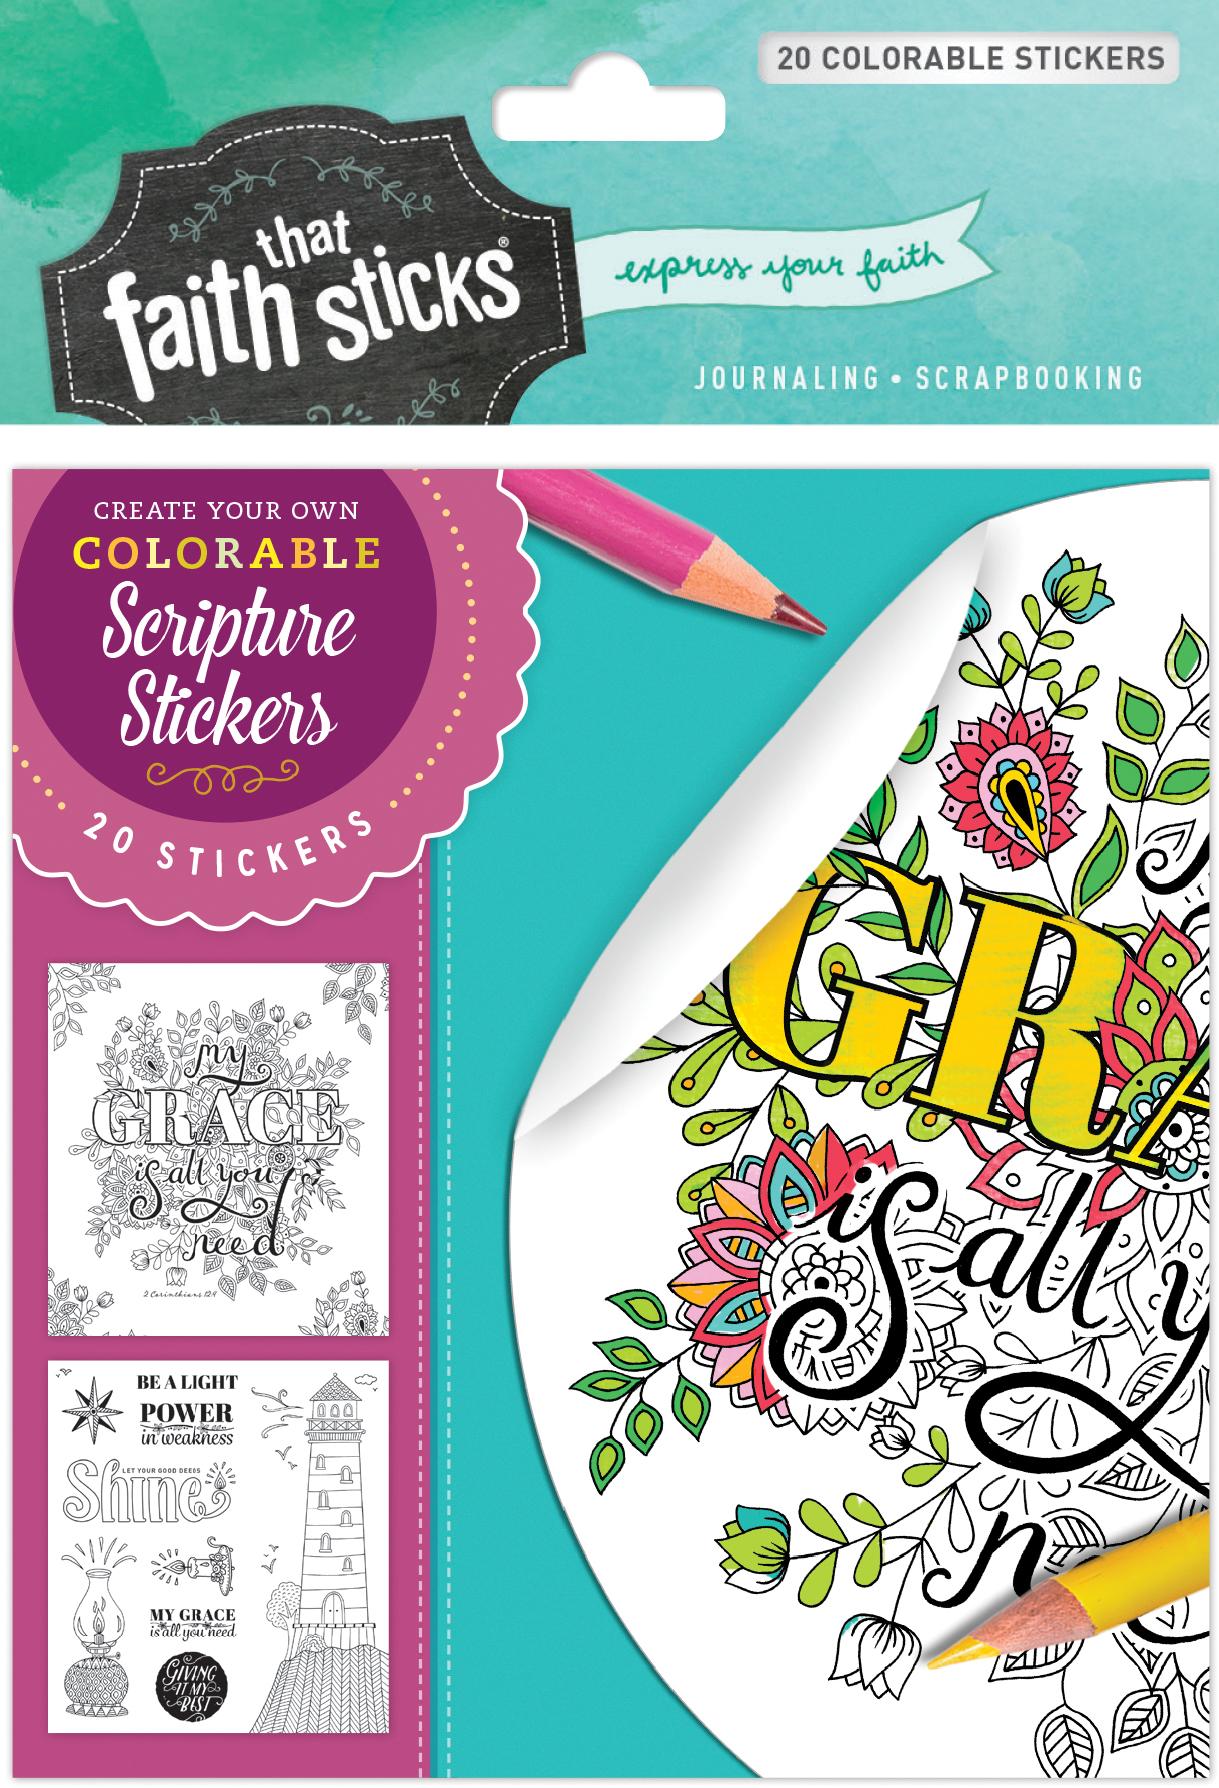 2 Corinthians 12:9 Colorable Stickers